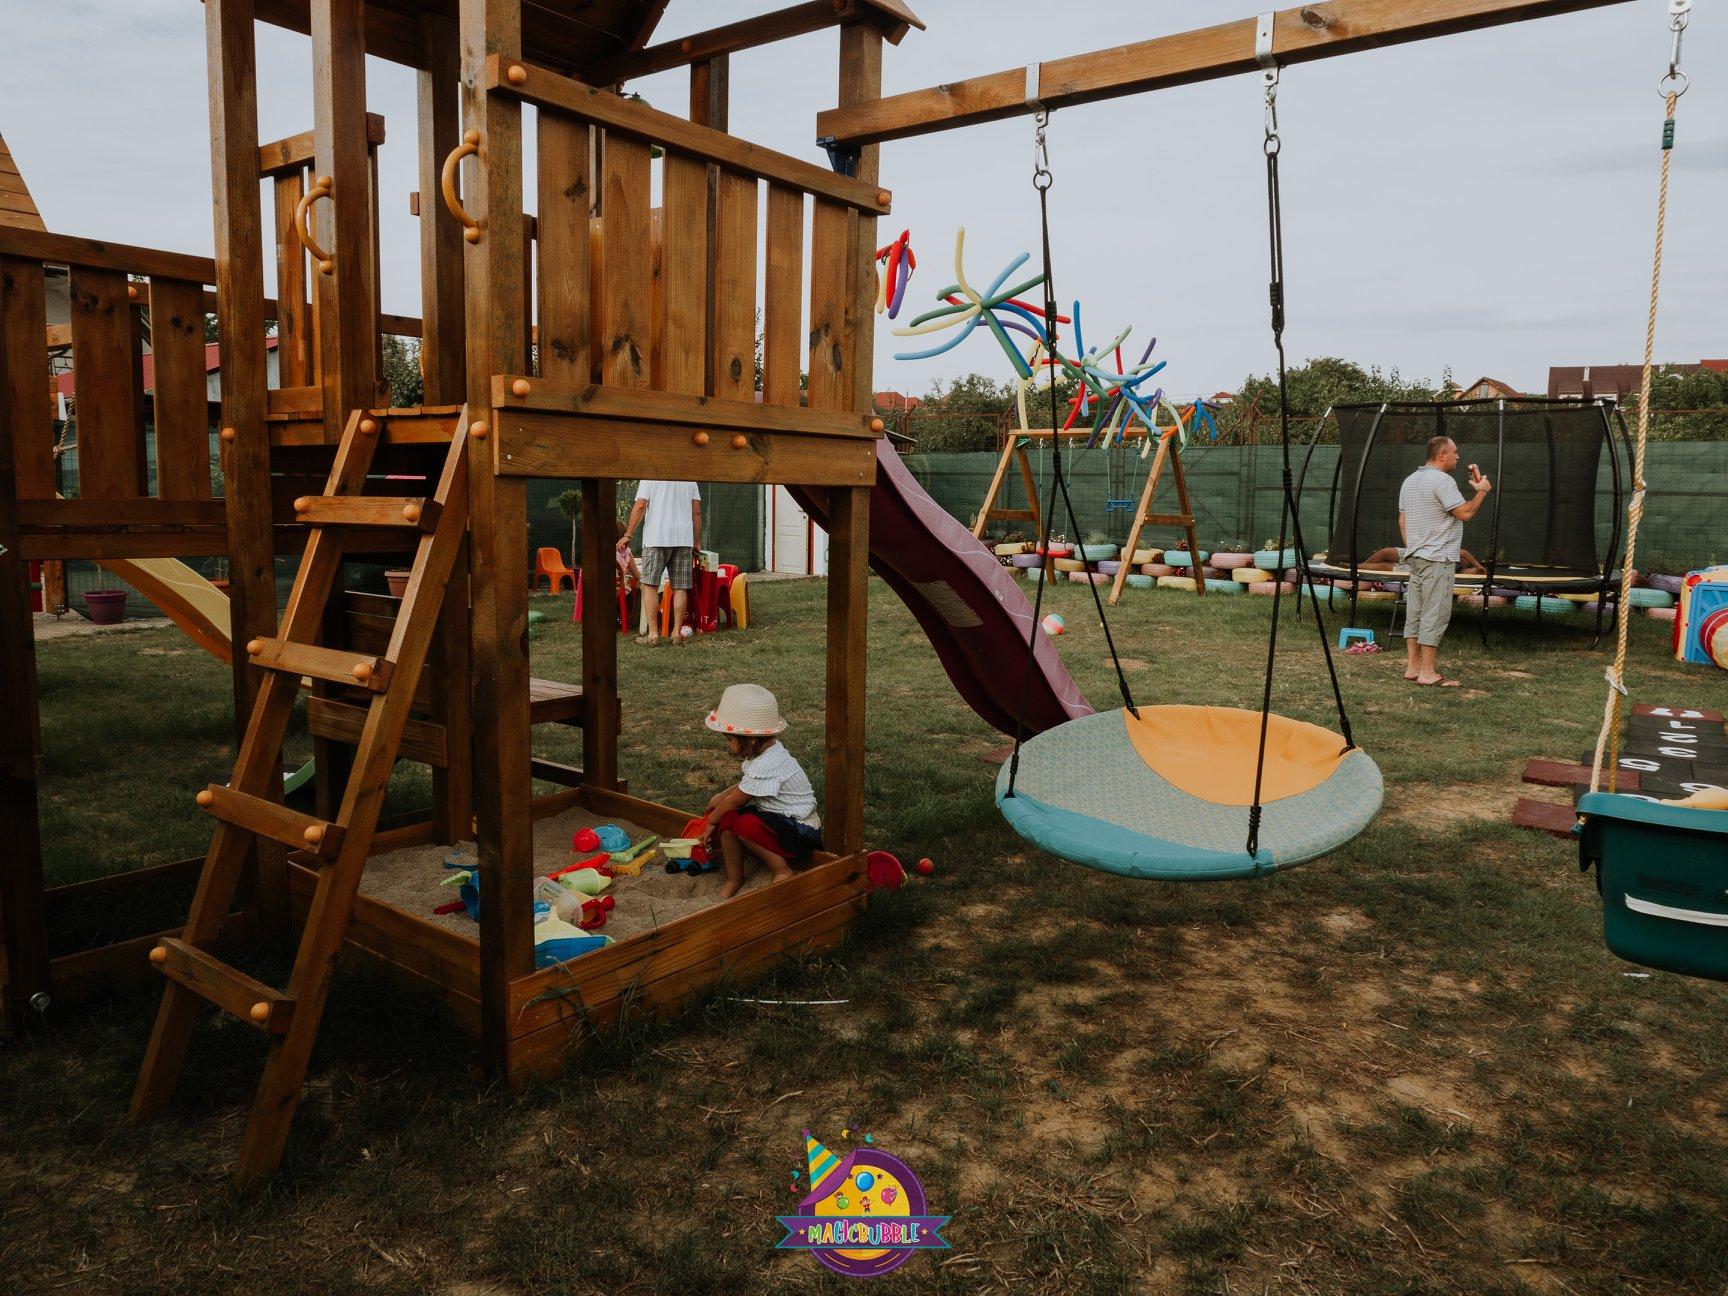 MagicBubble - Loc de joacă pentru copii